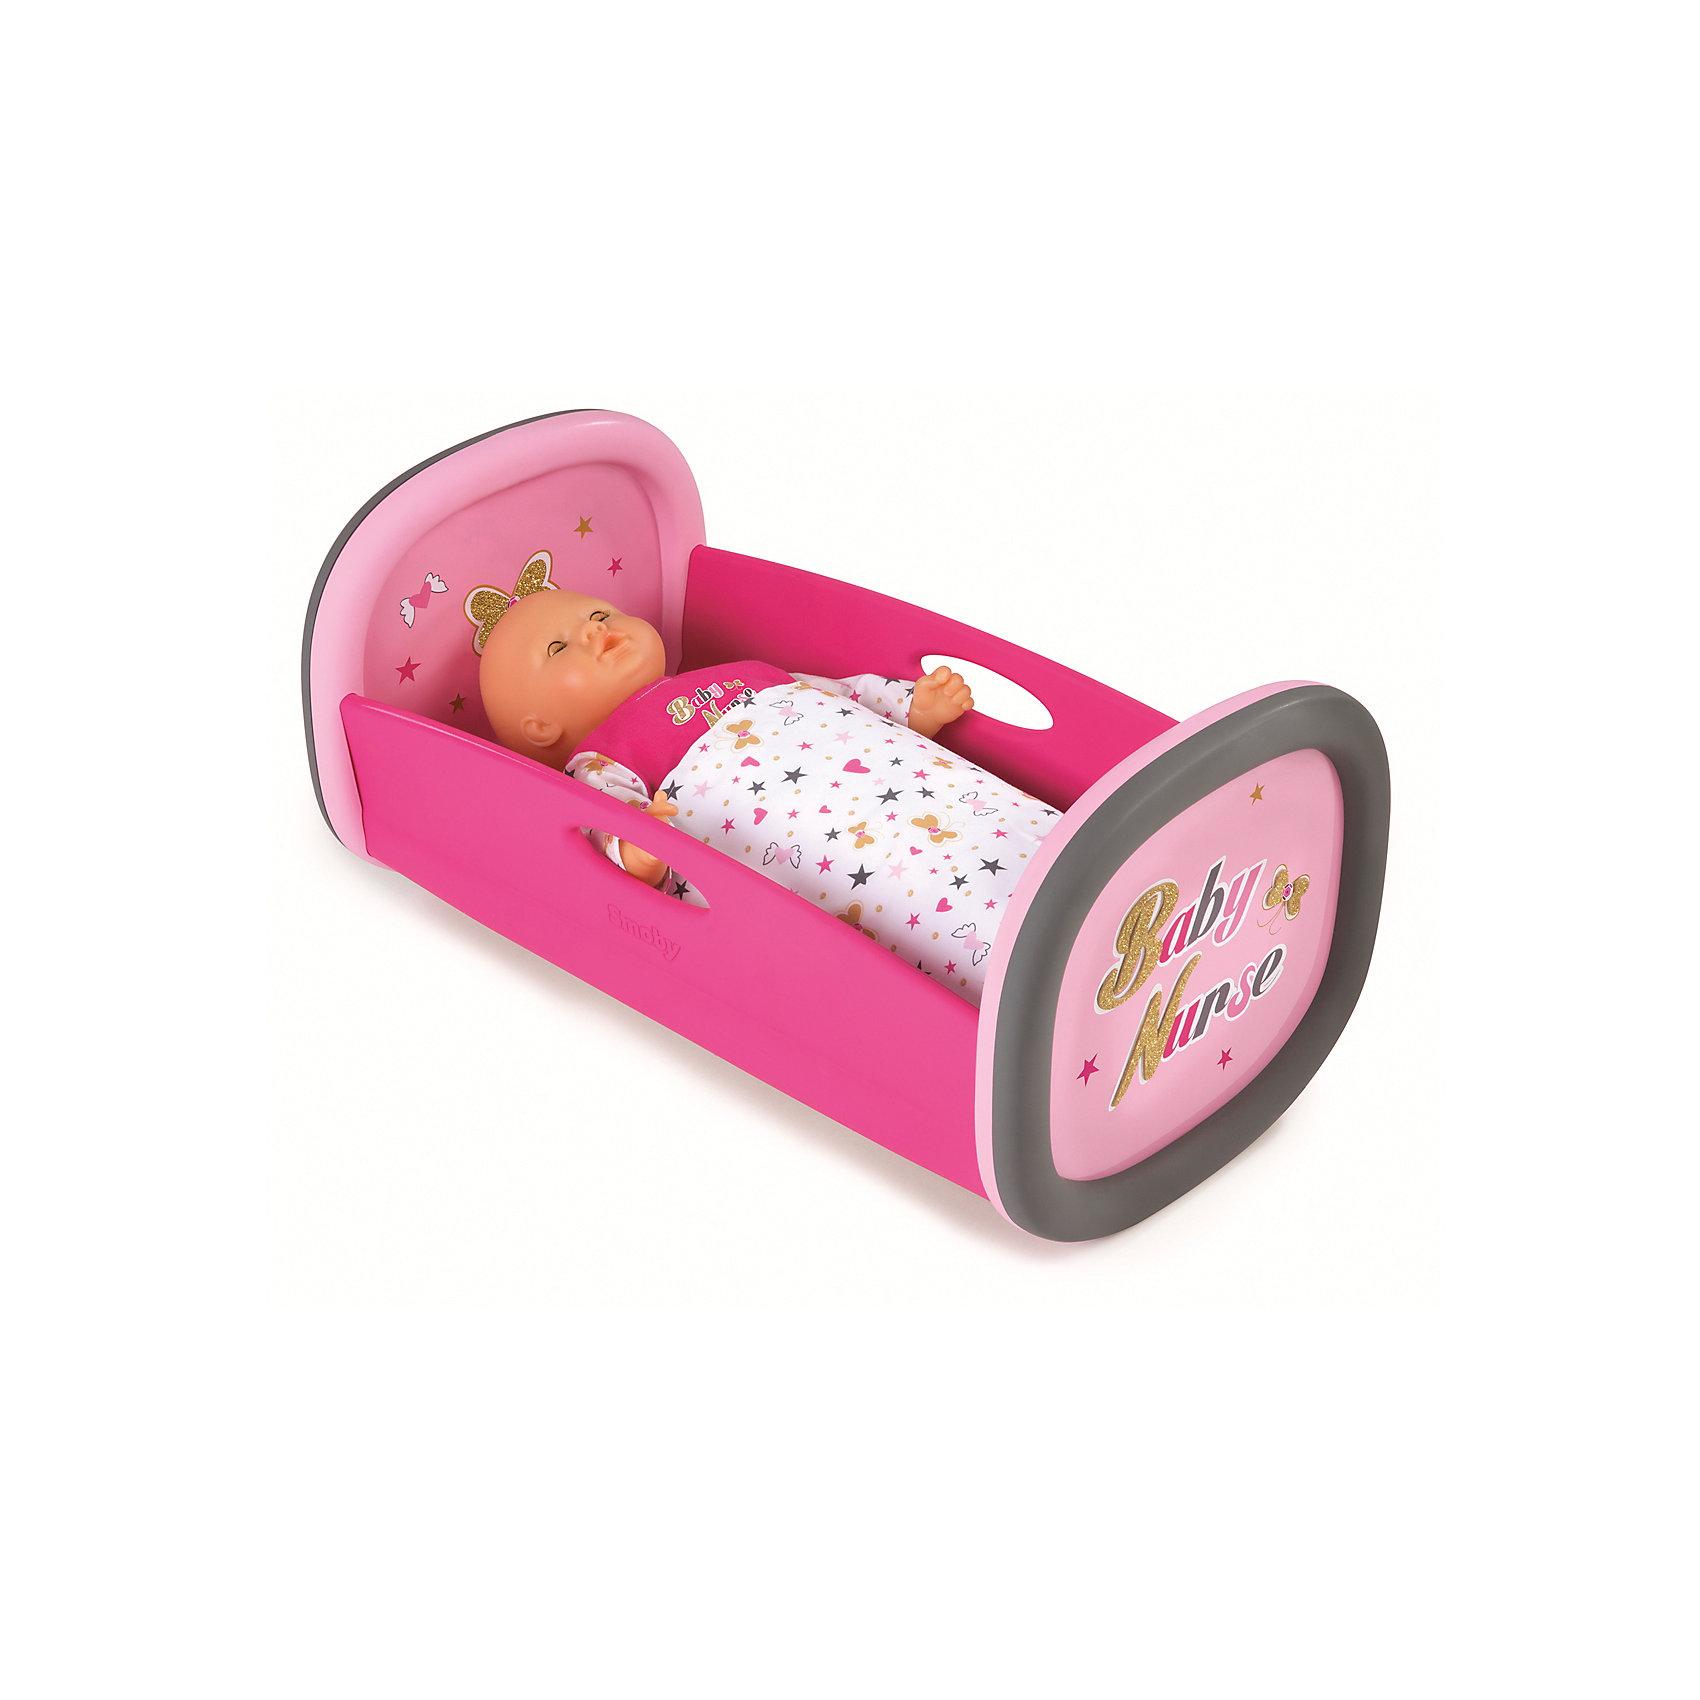 Колыбель для пупса Baby Nurse, 28,5x52x26 см, SmobyДомики и мебель<br>Характеристики товара:<br><br>• возраст от 1,5 лет;<br>• материал: пластик, текстиль;<br>• в комплекте: колыбель, покрывало;<br>• подходит для кукол высотой до 42 см;<br>• размер колыбели 28,5х52х26 см;<br>• размер упаковки 56,5х33,5х9,6 см;<br>• вес упаковки 1,4 кг;<br>• страна производитель: Франция.<br><br>Колыбель для пупса Baby Nurse Smoby — удобная кроватка для любимой куколки девочки. В комплекте мягкое покрывало, с помощью которого можно укутать куклу. Игрушка способствует развитию у девочки чувства заботы и ответственности. Колыбель изготовлена из качественного безопасного пластика и не имеет острых углов.<br><br>Колыбель для пупса Baby Nurse Smoby можно приобрести в нашем интернет-магазине.<br><br>Ширина мм: 565<br>Глубина мм: 96<br>Высота мм: 335<br>Вес г: 1400<br>Возраст от месяцев: 18<br>Возраст до месяцев: 48<br>Пол: Женский<br>Возраст: Детский<br>SKU: 5613512